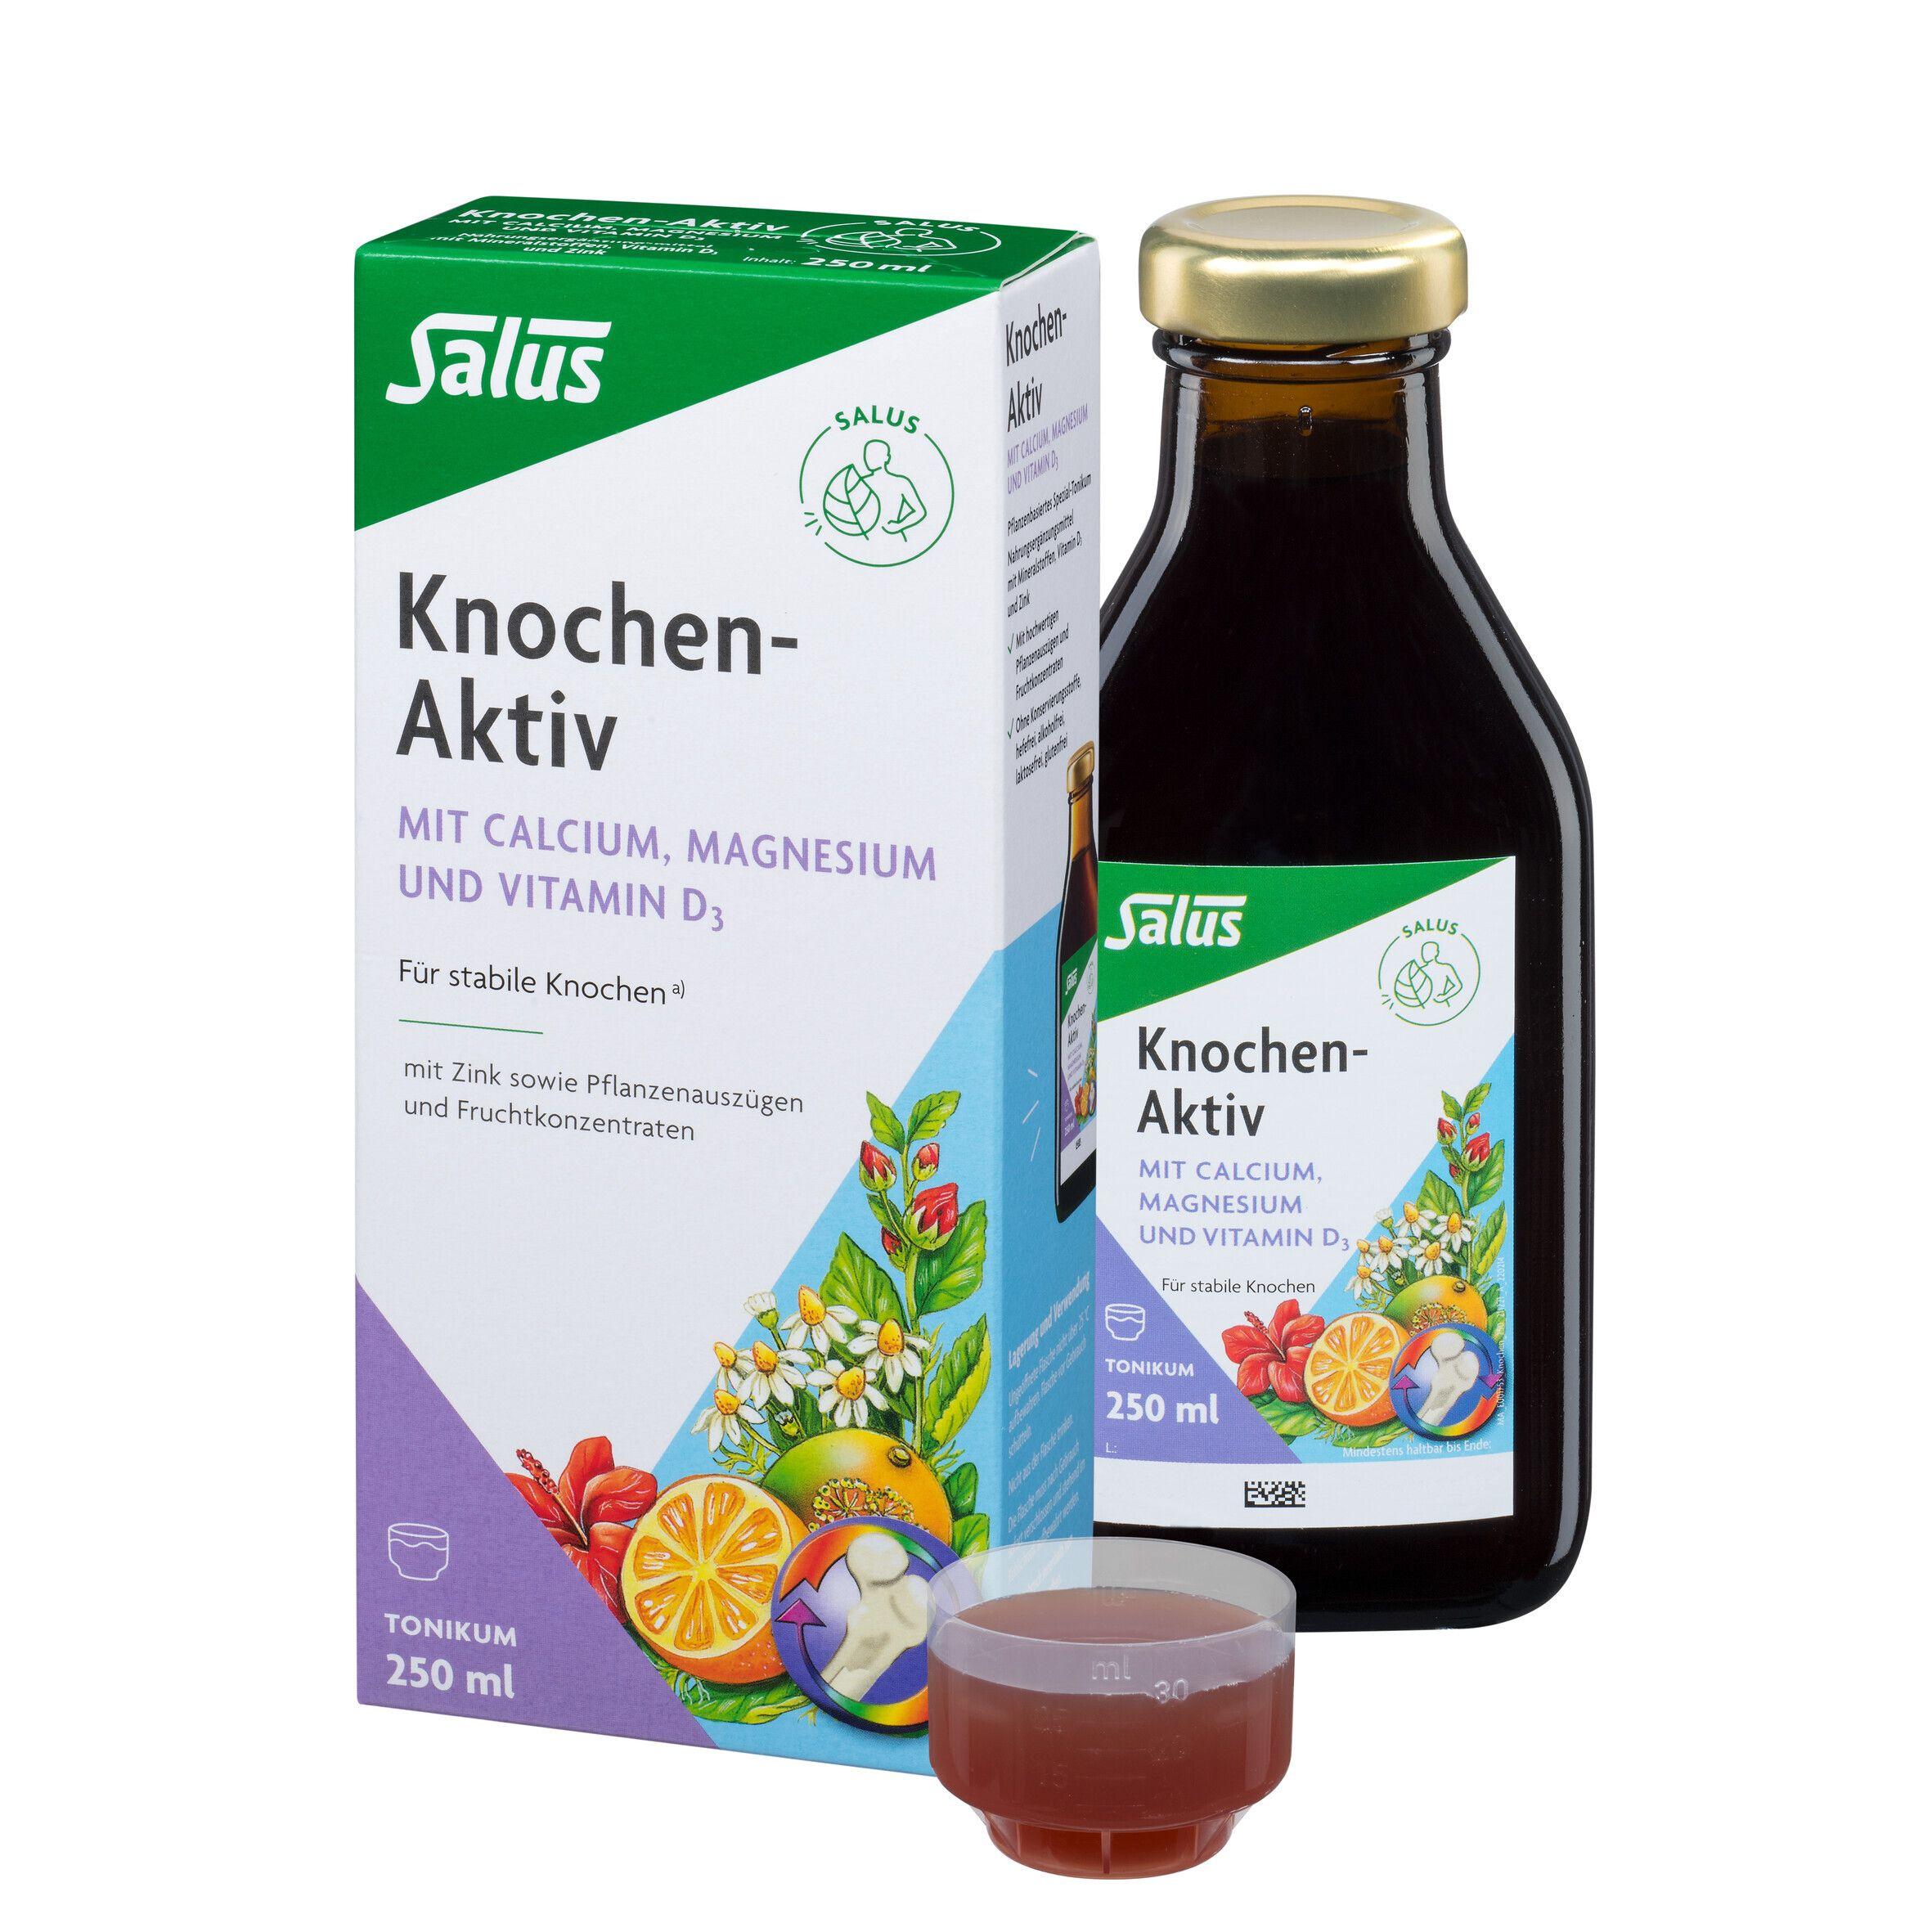 Image of Salus® Knochen-Aktiv Calcium + Magnesium